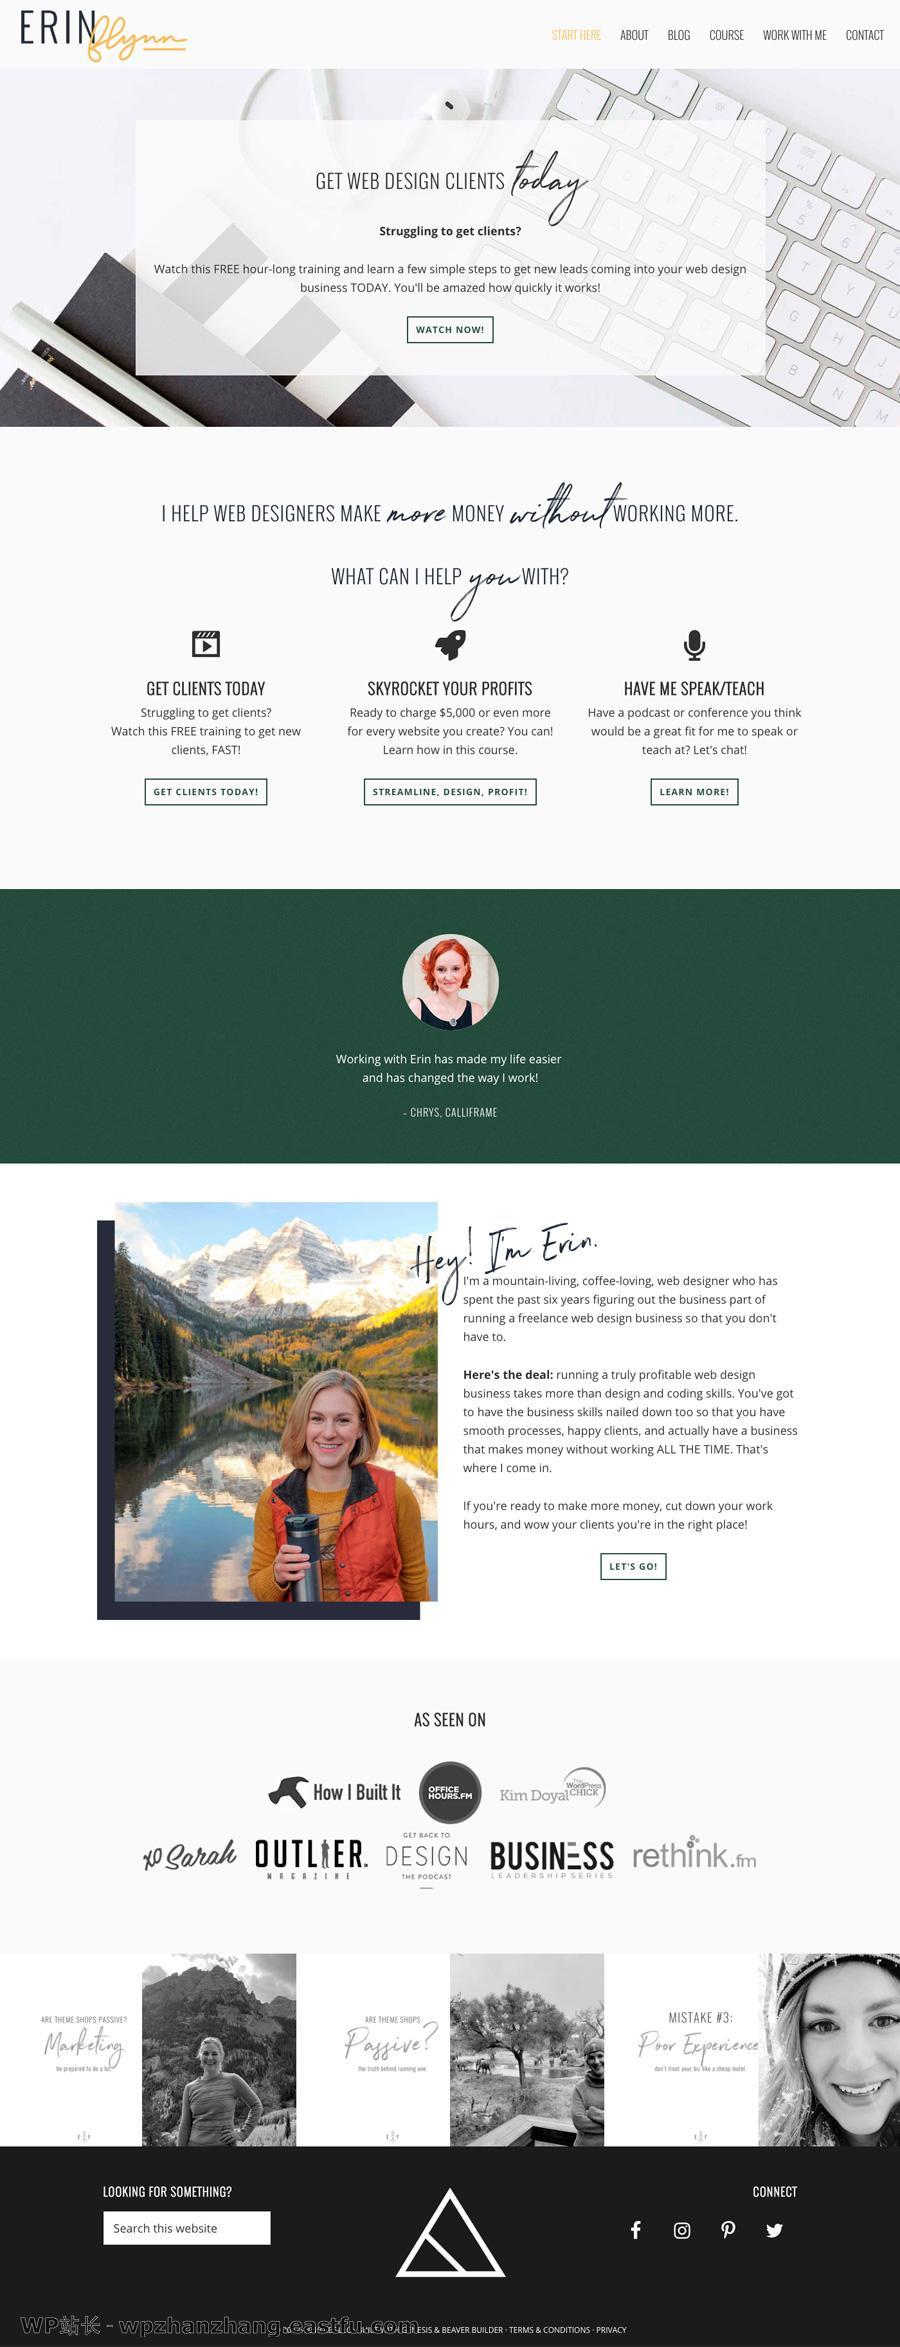 使用Beaver Builder和PowerPack设计的10个美丽网站